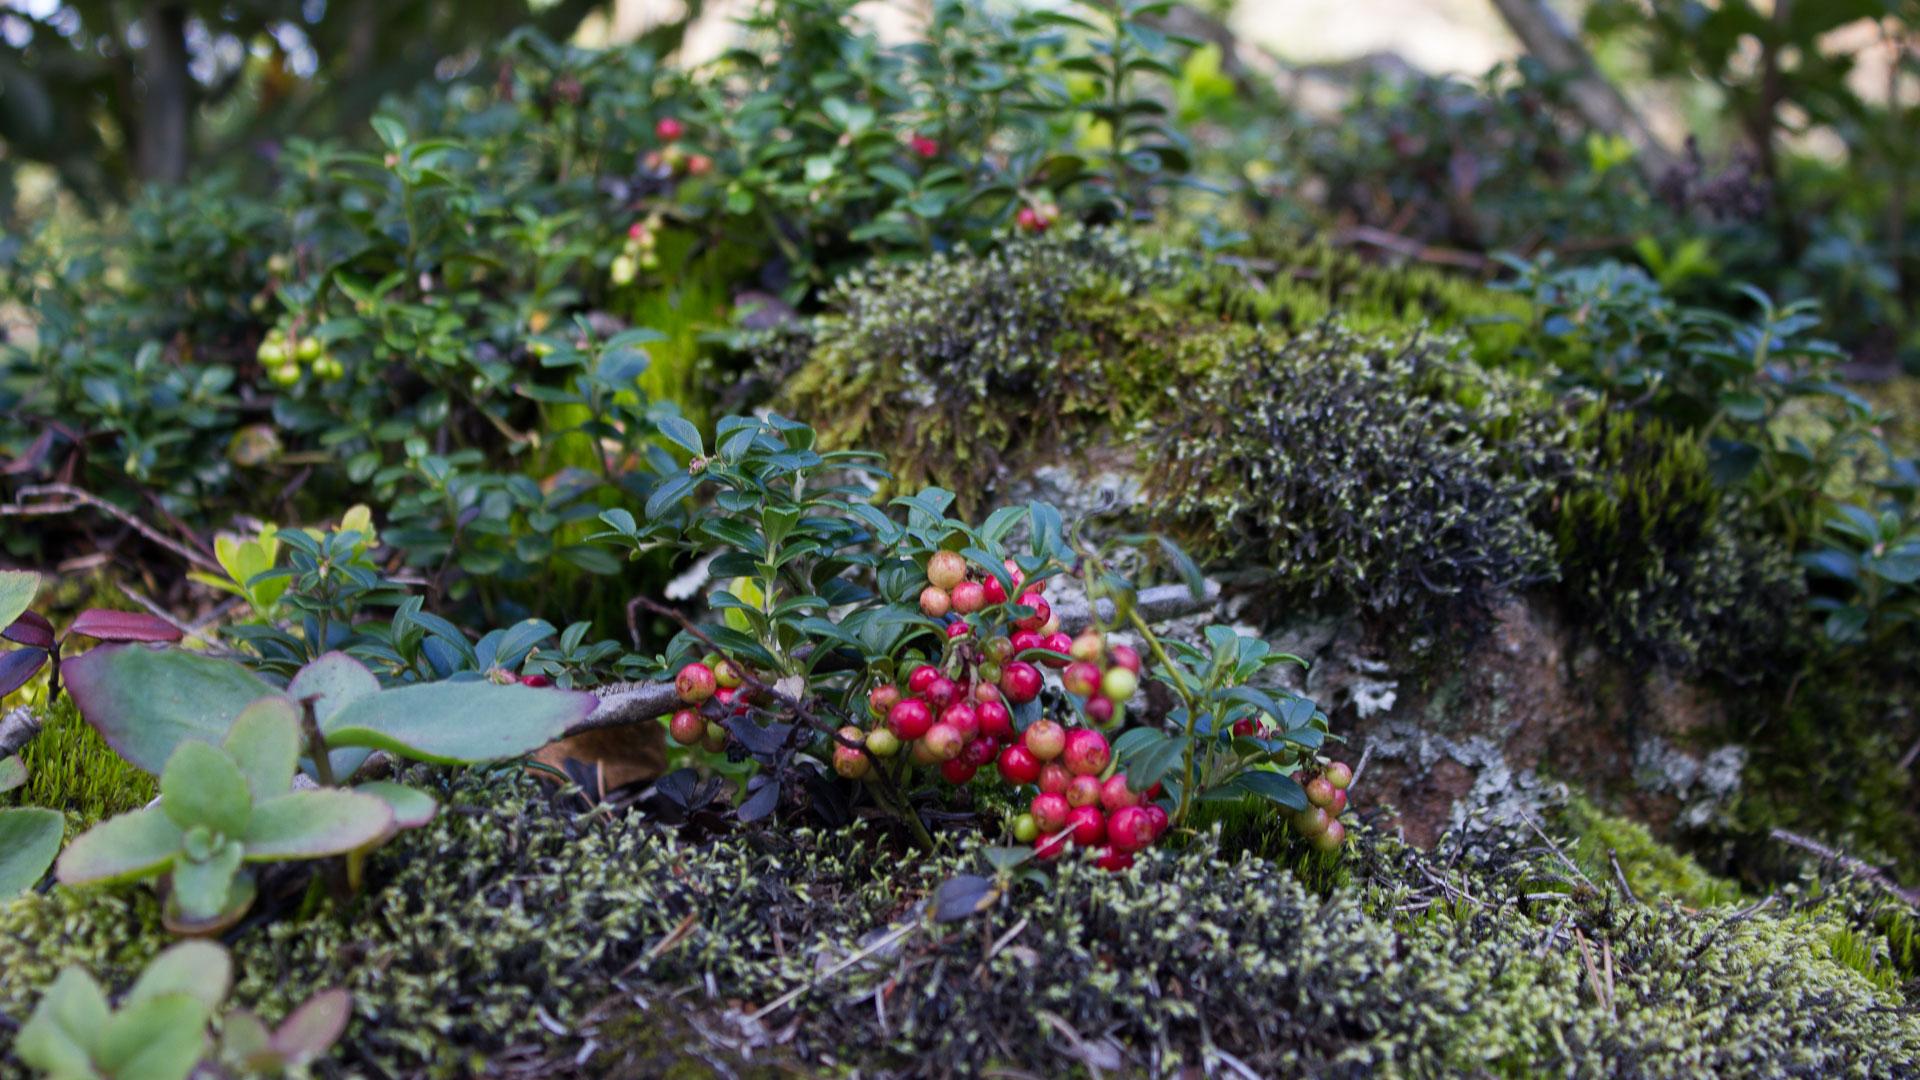 Norwegian cranberries